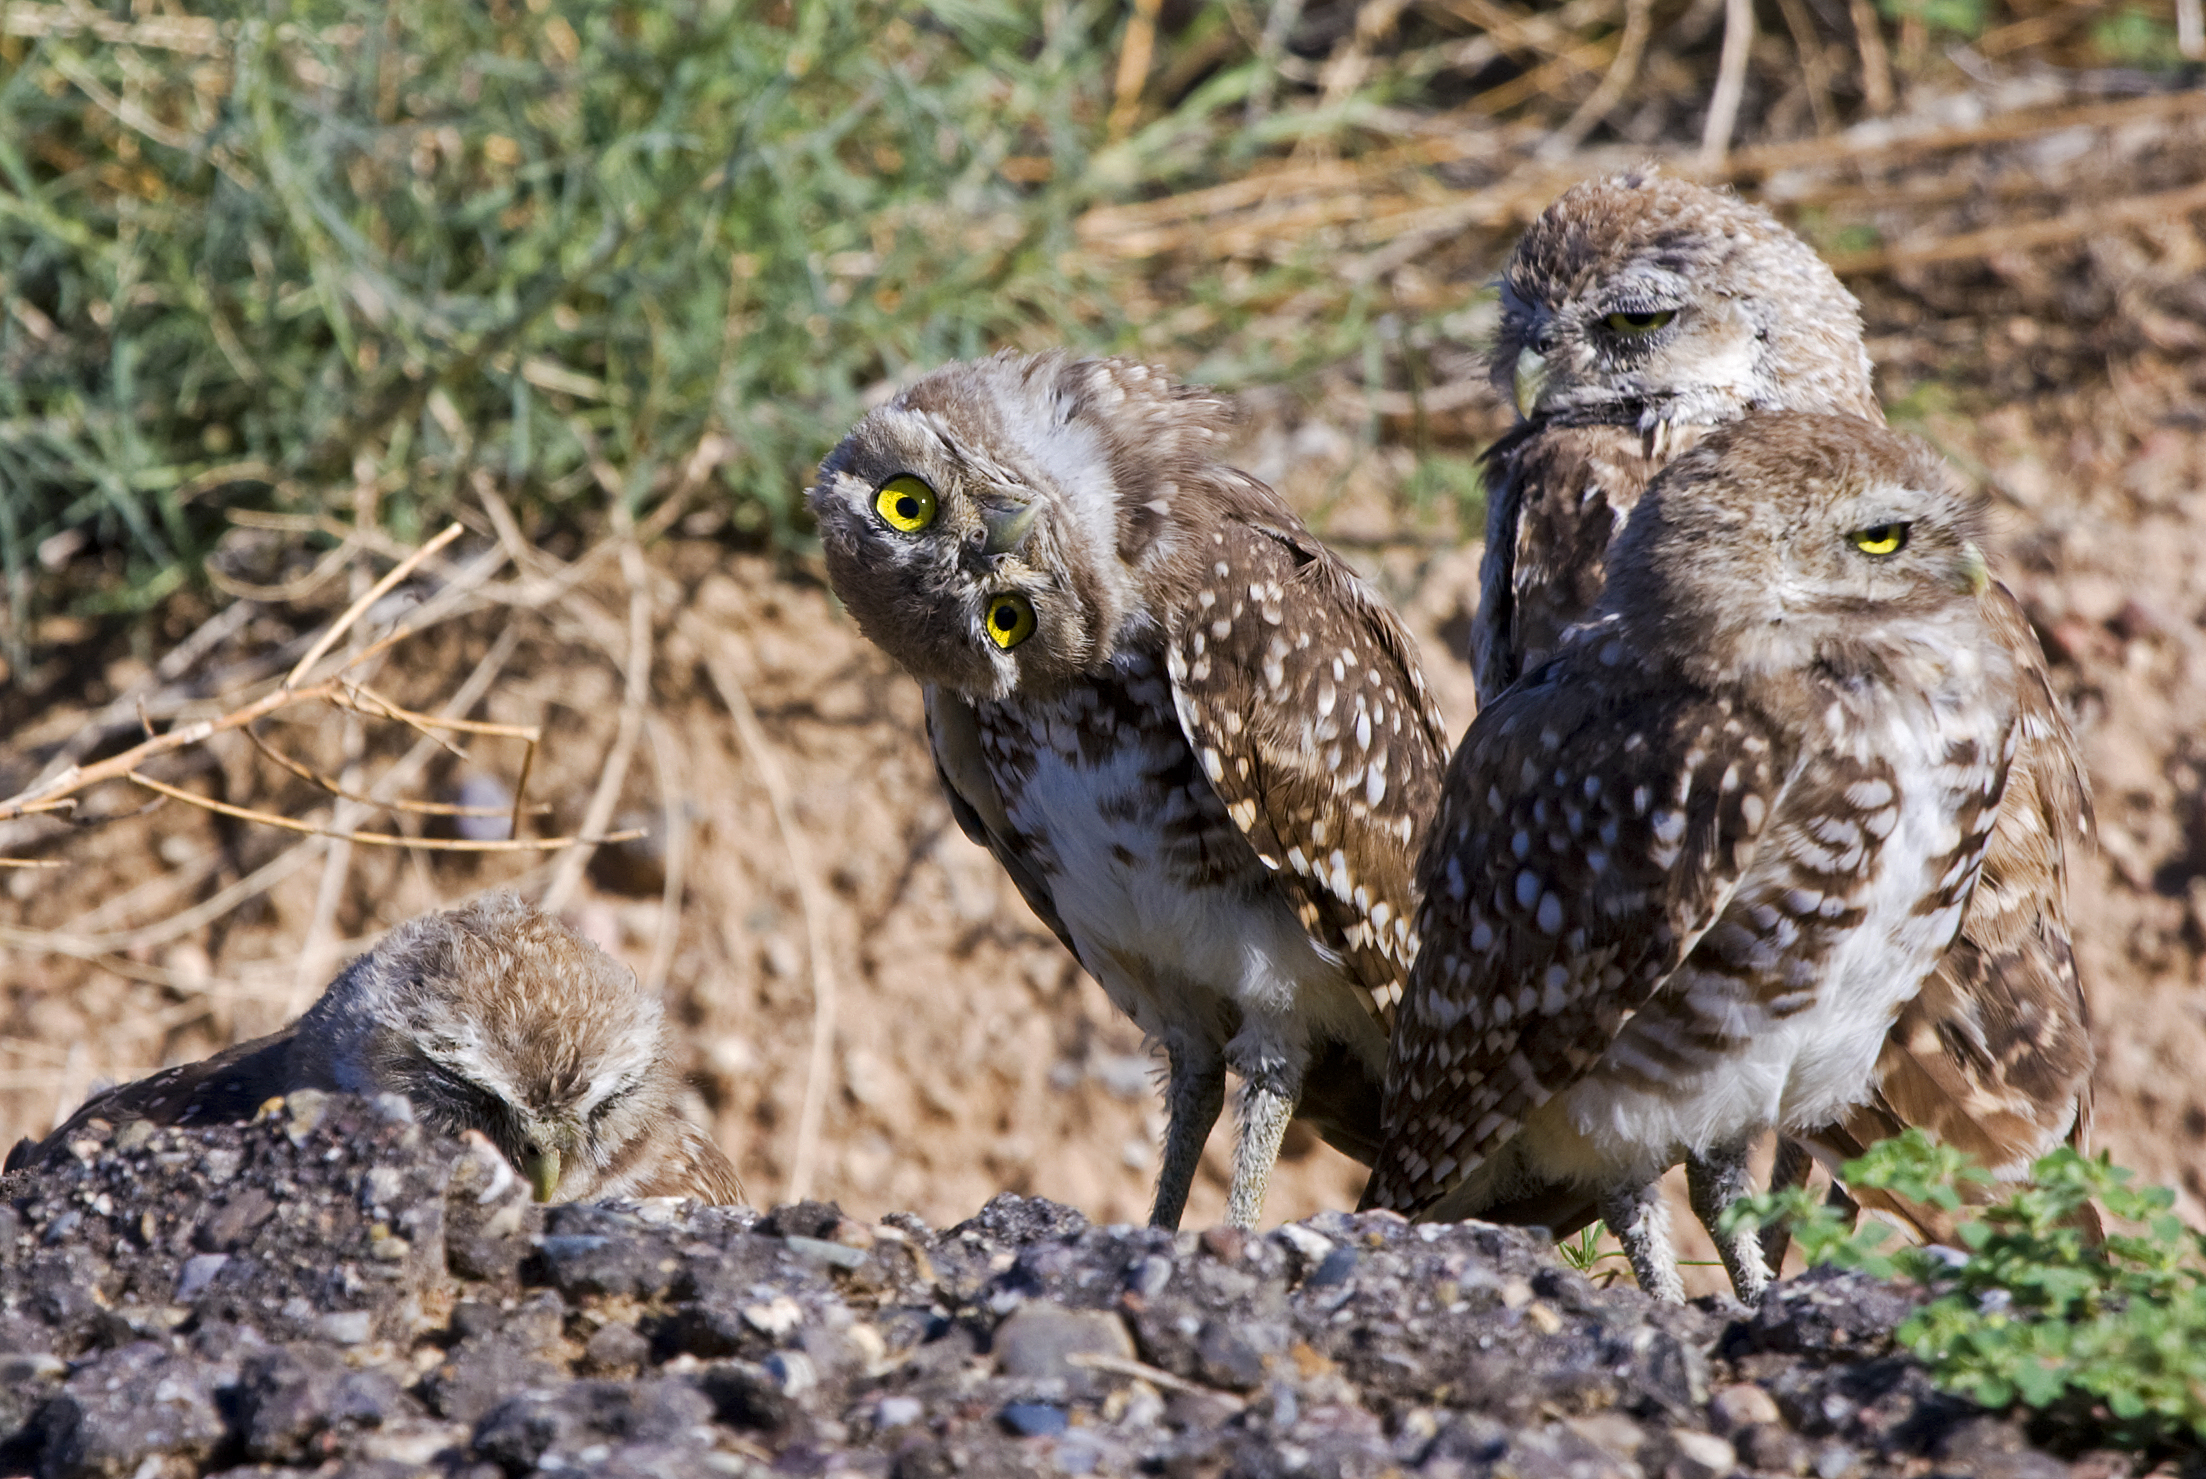 2 - Owls